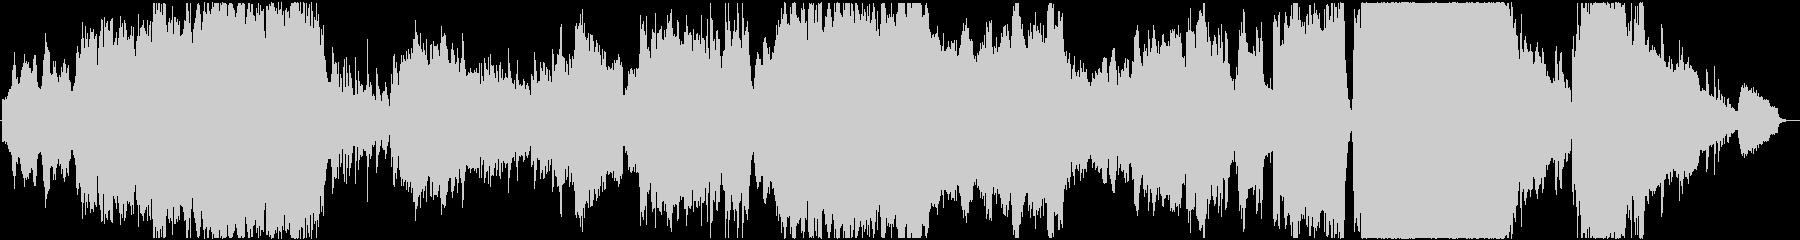 夜景・オーロラをイメージした神秘的な曲の未再生の波形